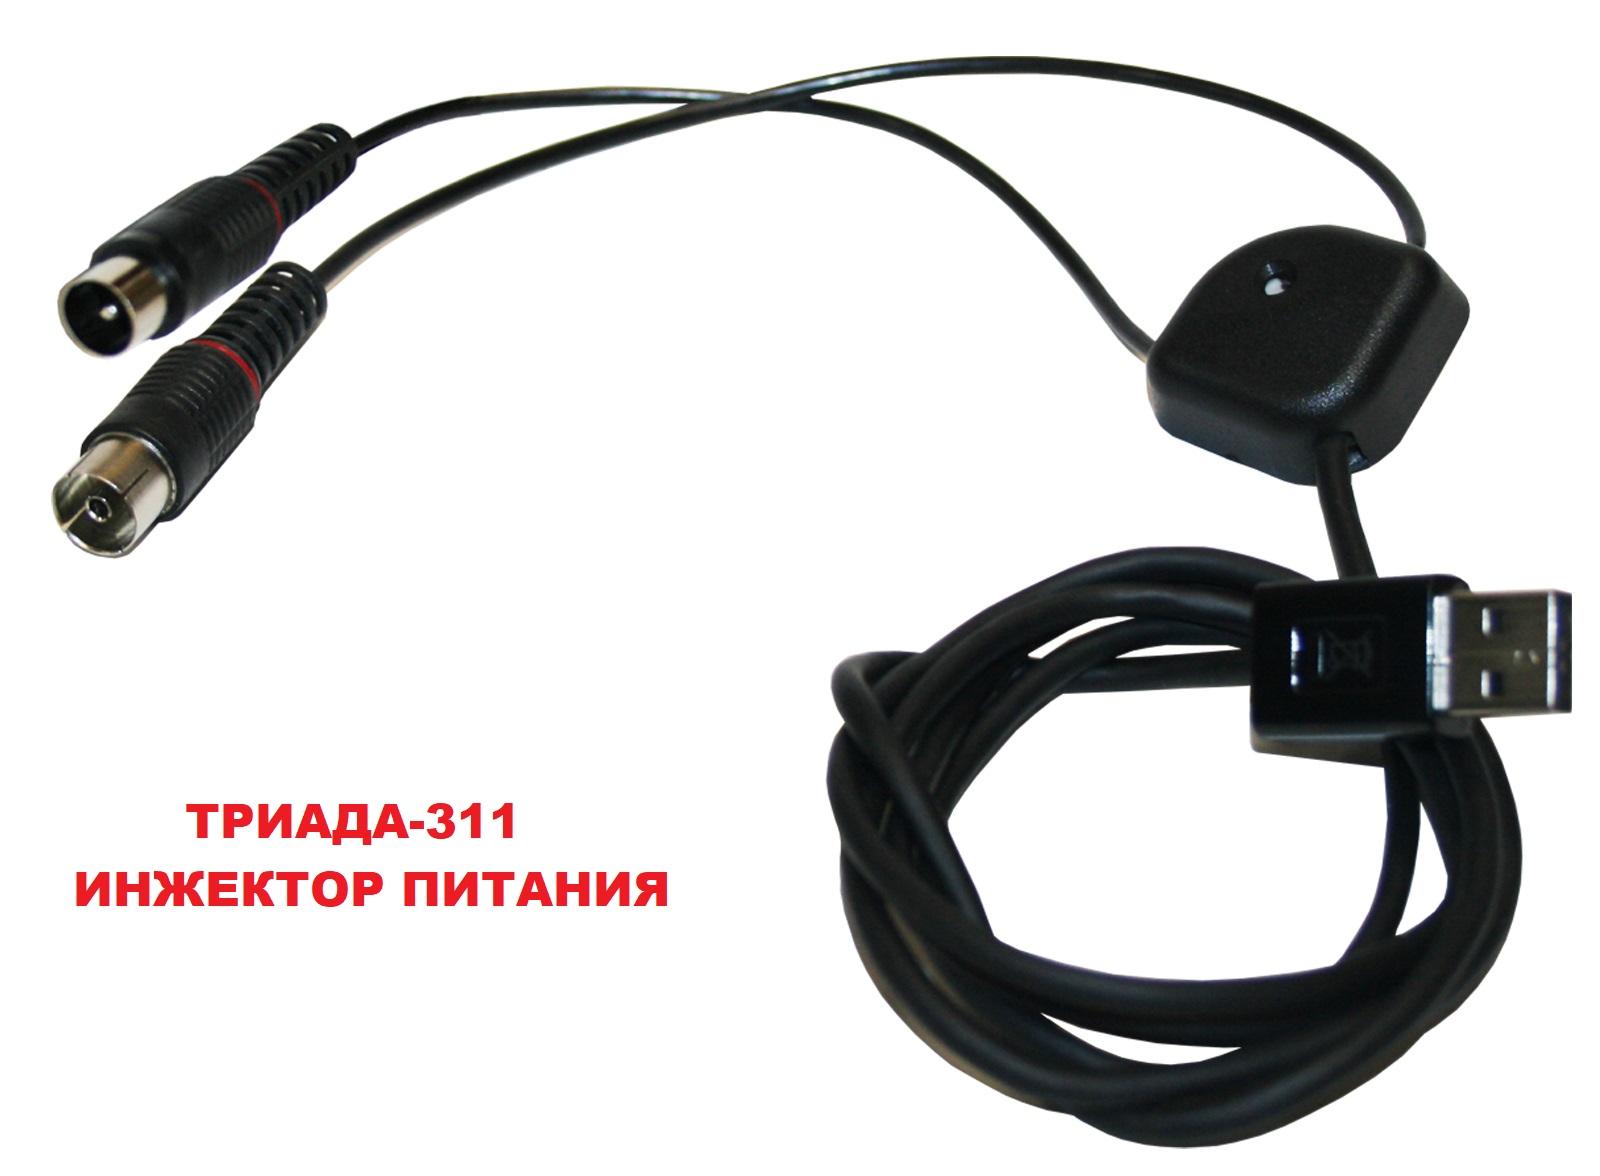 Инжектор питания 5 вольт Триада-311/antenna.ru для подачи питания на активную ТВ антенну. Питание подается по центральной жиле кабеля от USB приподключении к блоку питания с  USB для мобильного телефона или от  USB ресивера, телевизора.